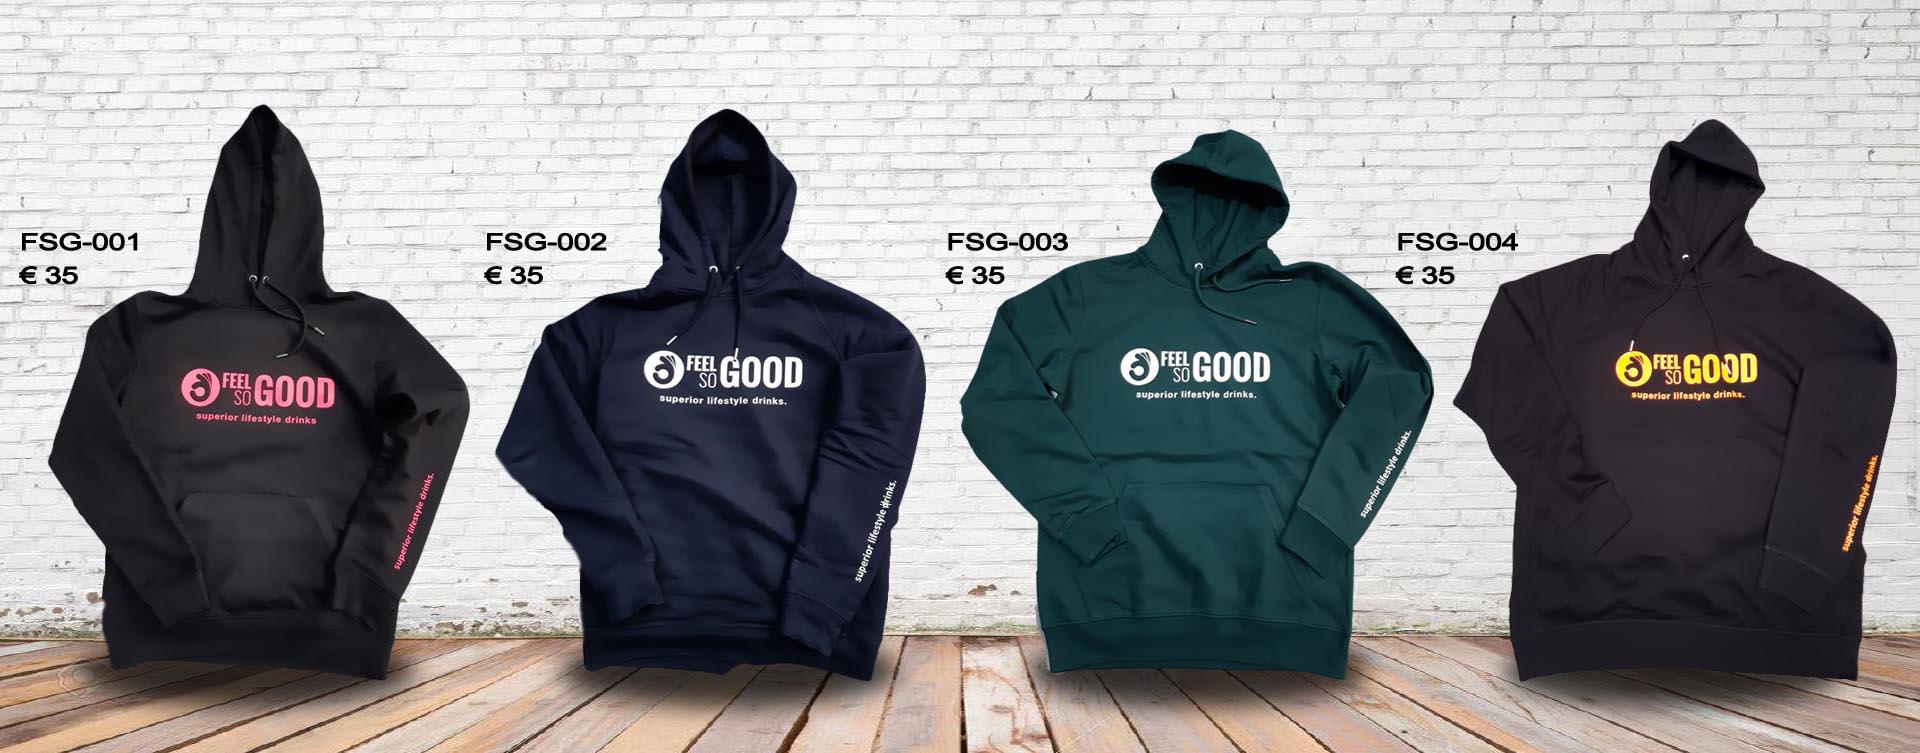 Feel so Good Hoodies 1